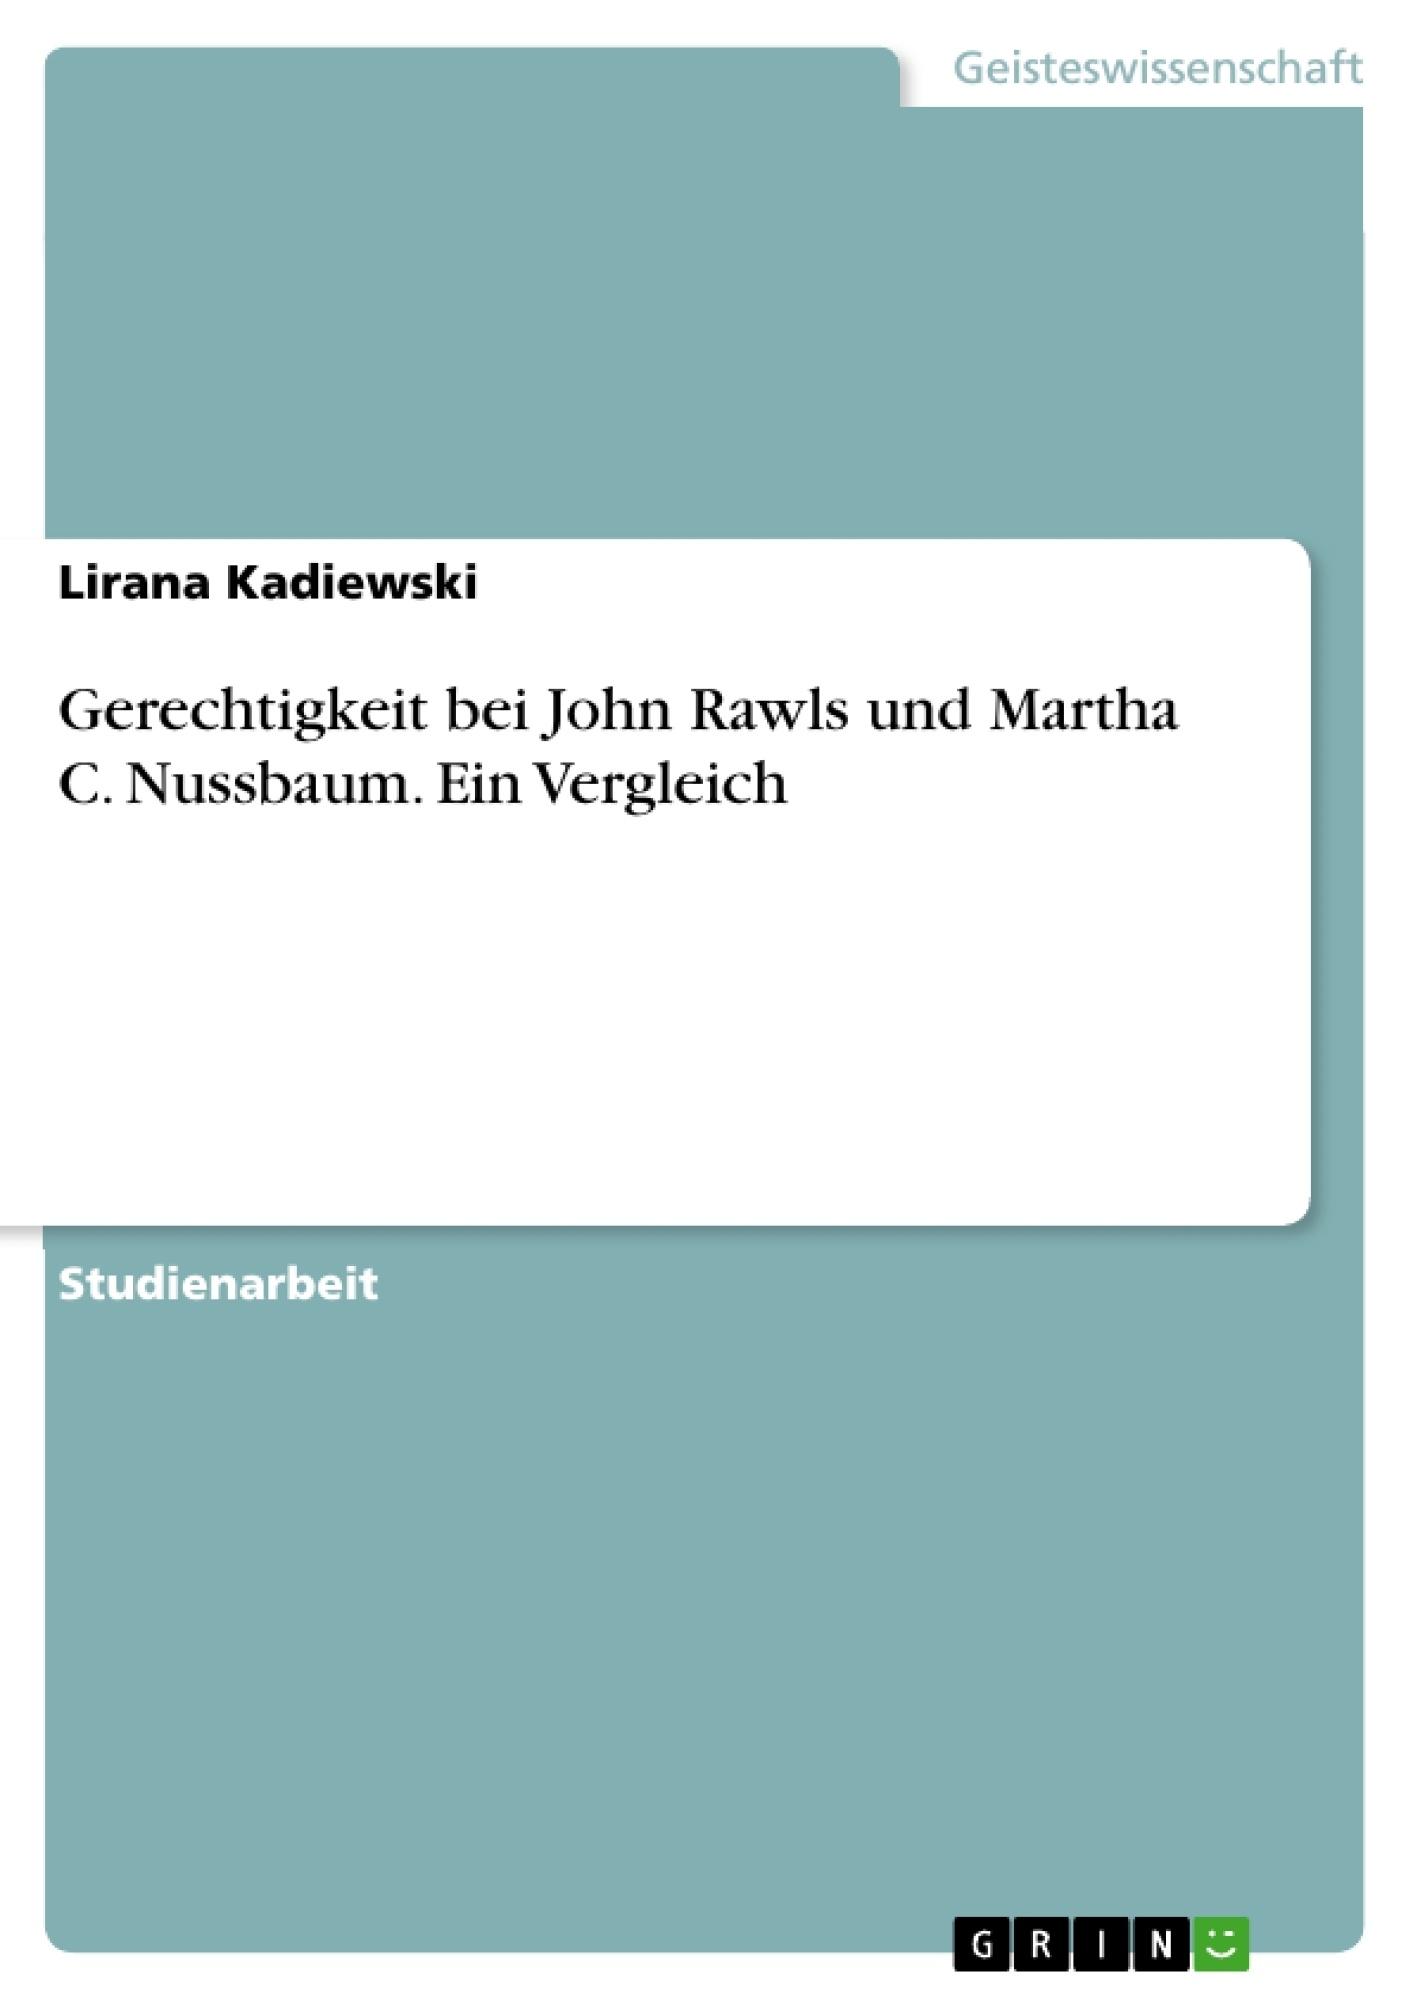 Titel: Gerechtigkeit bei John Rawls und Martha C. Nussbaum. Ein Vergleich